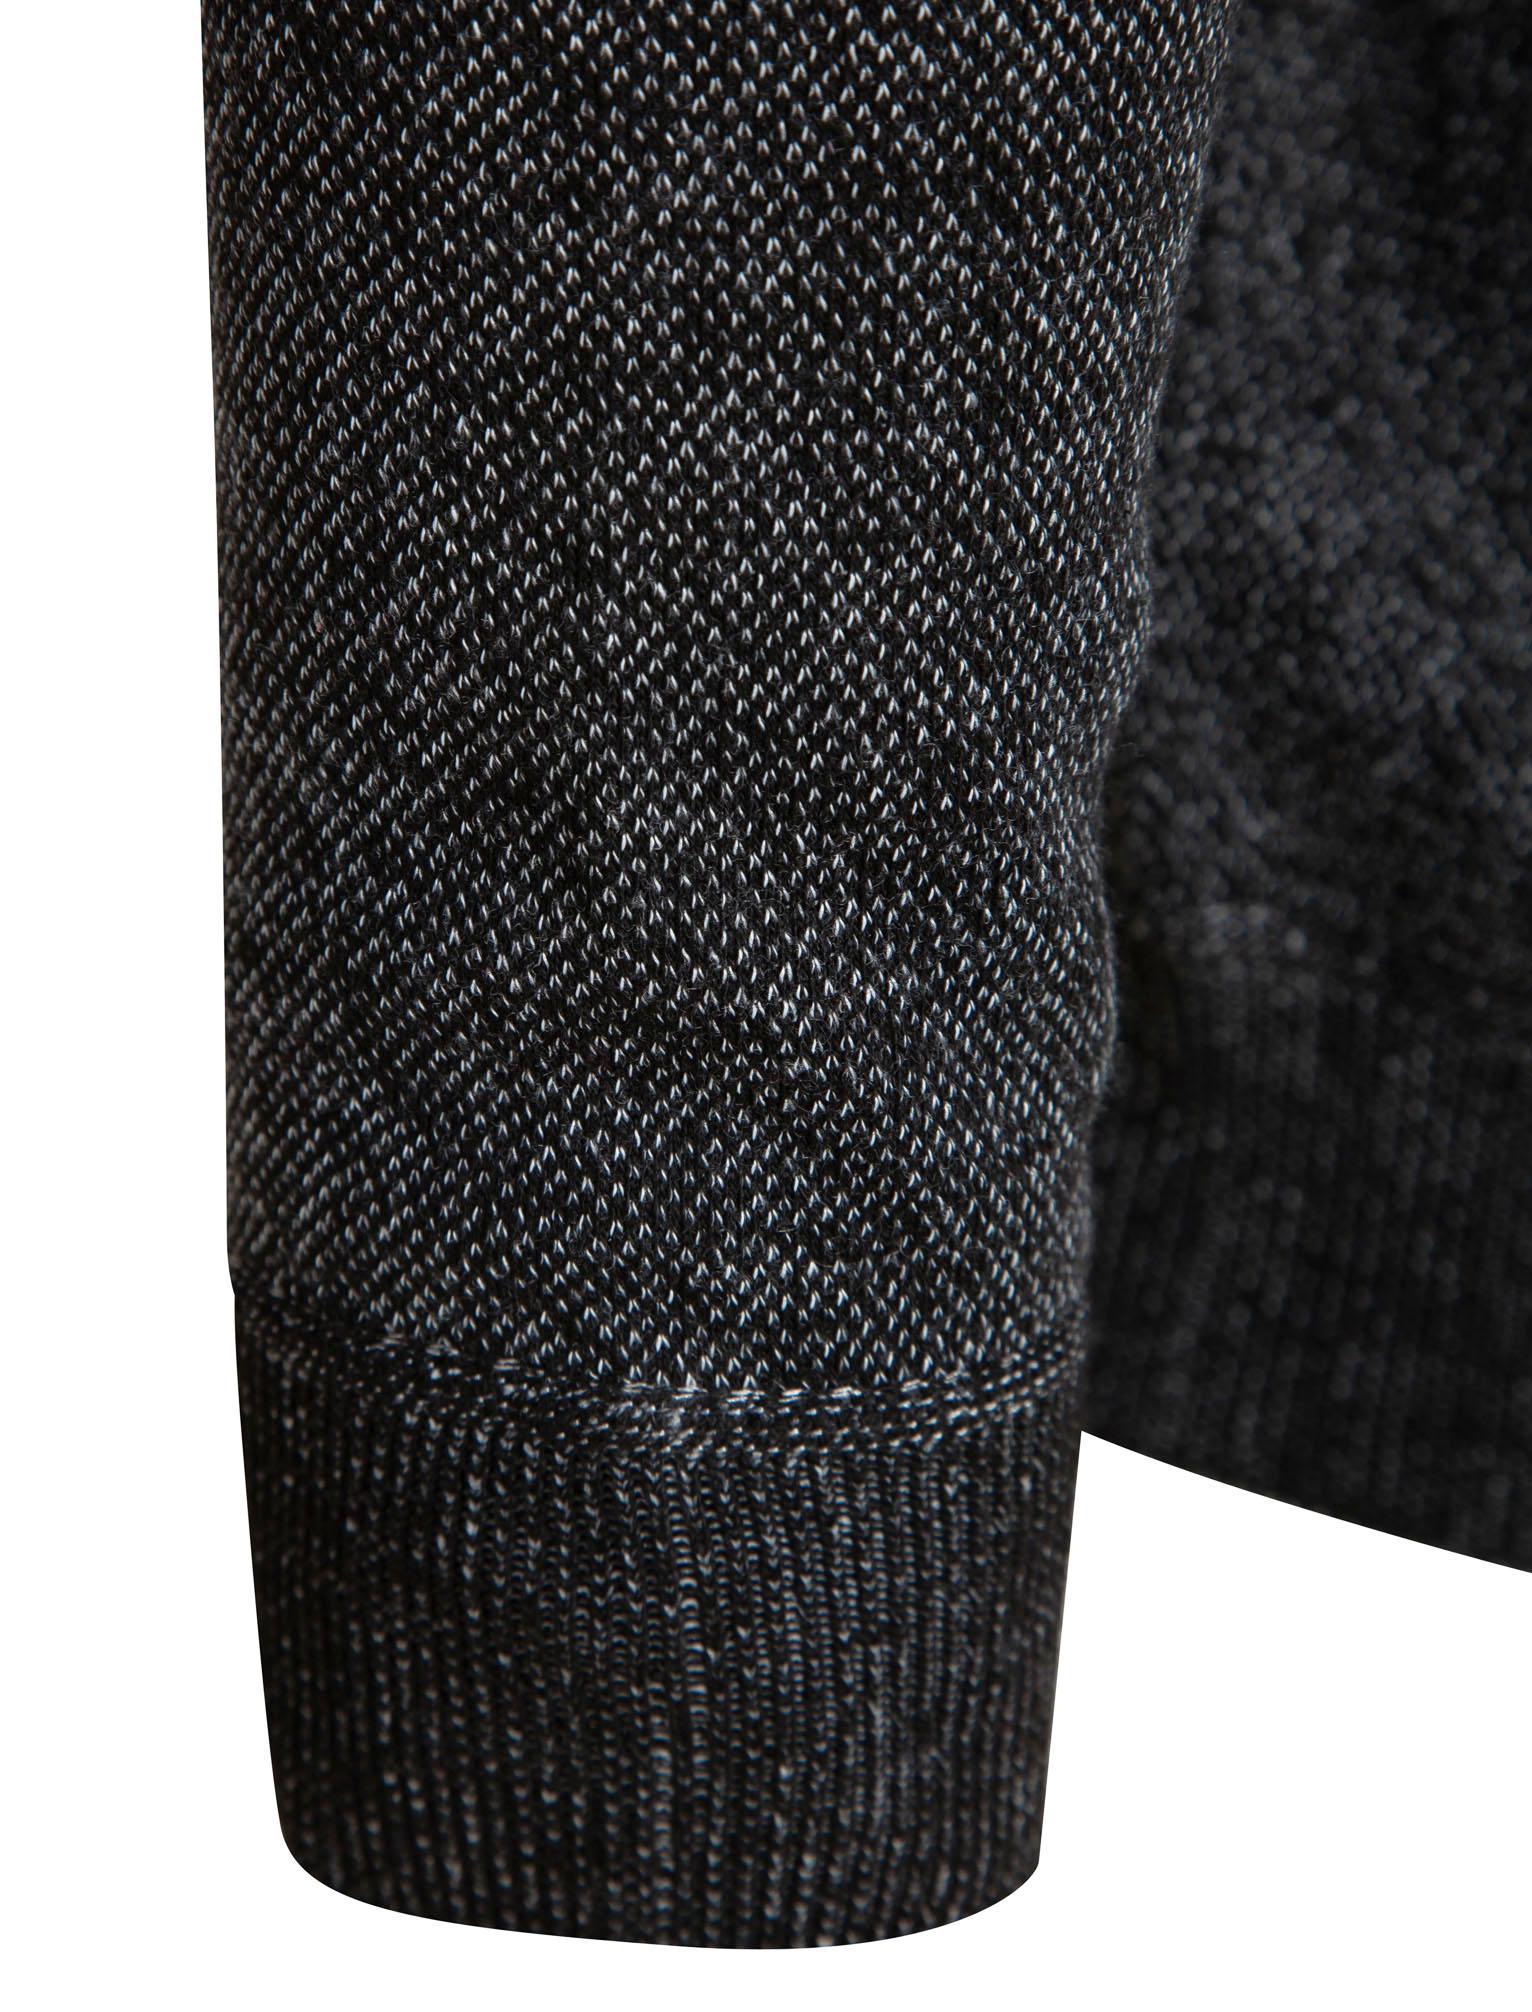 Kensington-Eastside-Men-039-s-Knitted-Crew-or-V-Neck-Jumper-Sweater-Top-Pullover thumbnail 57